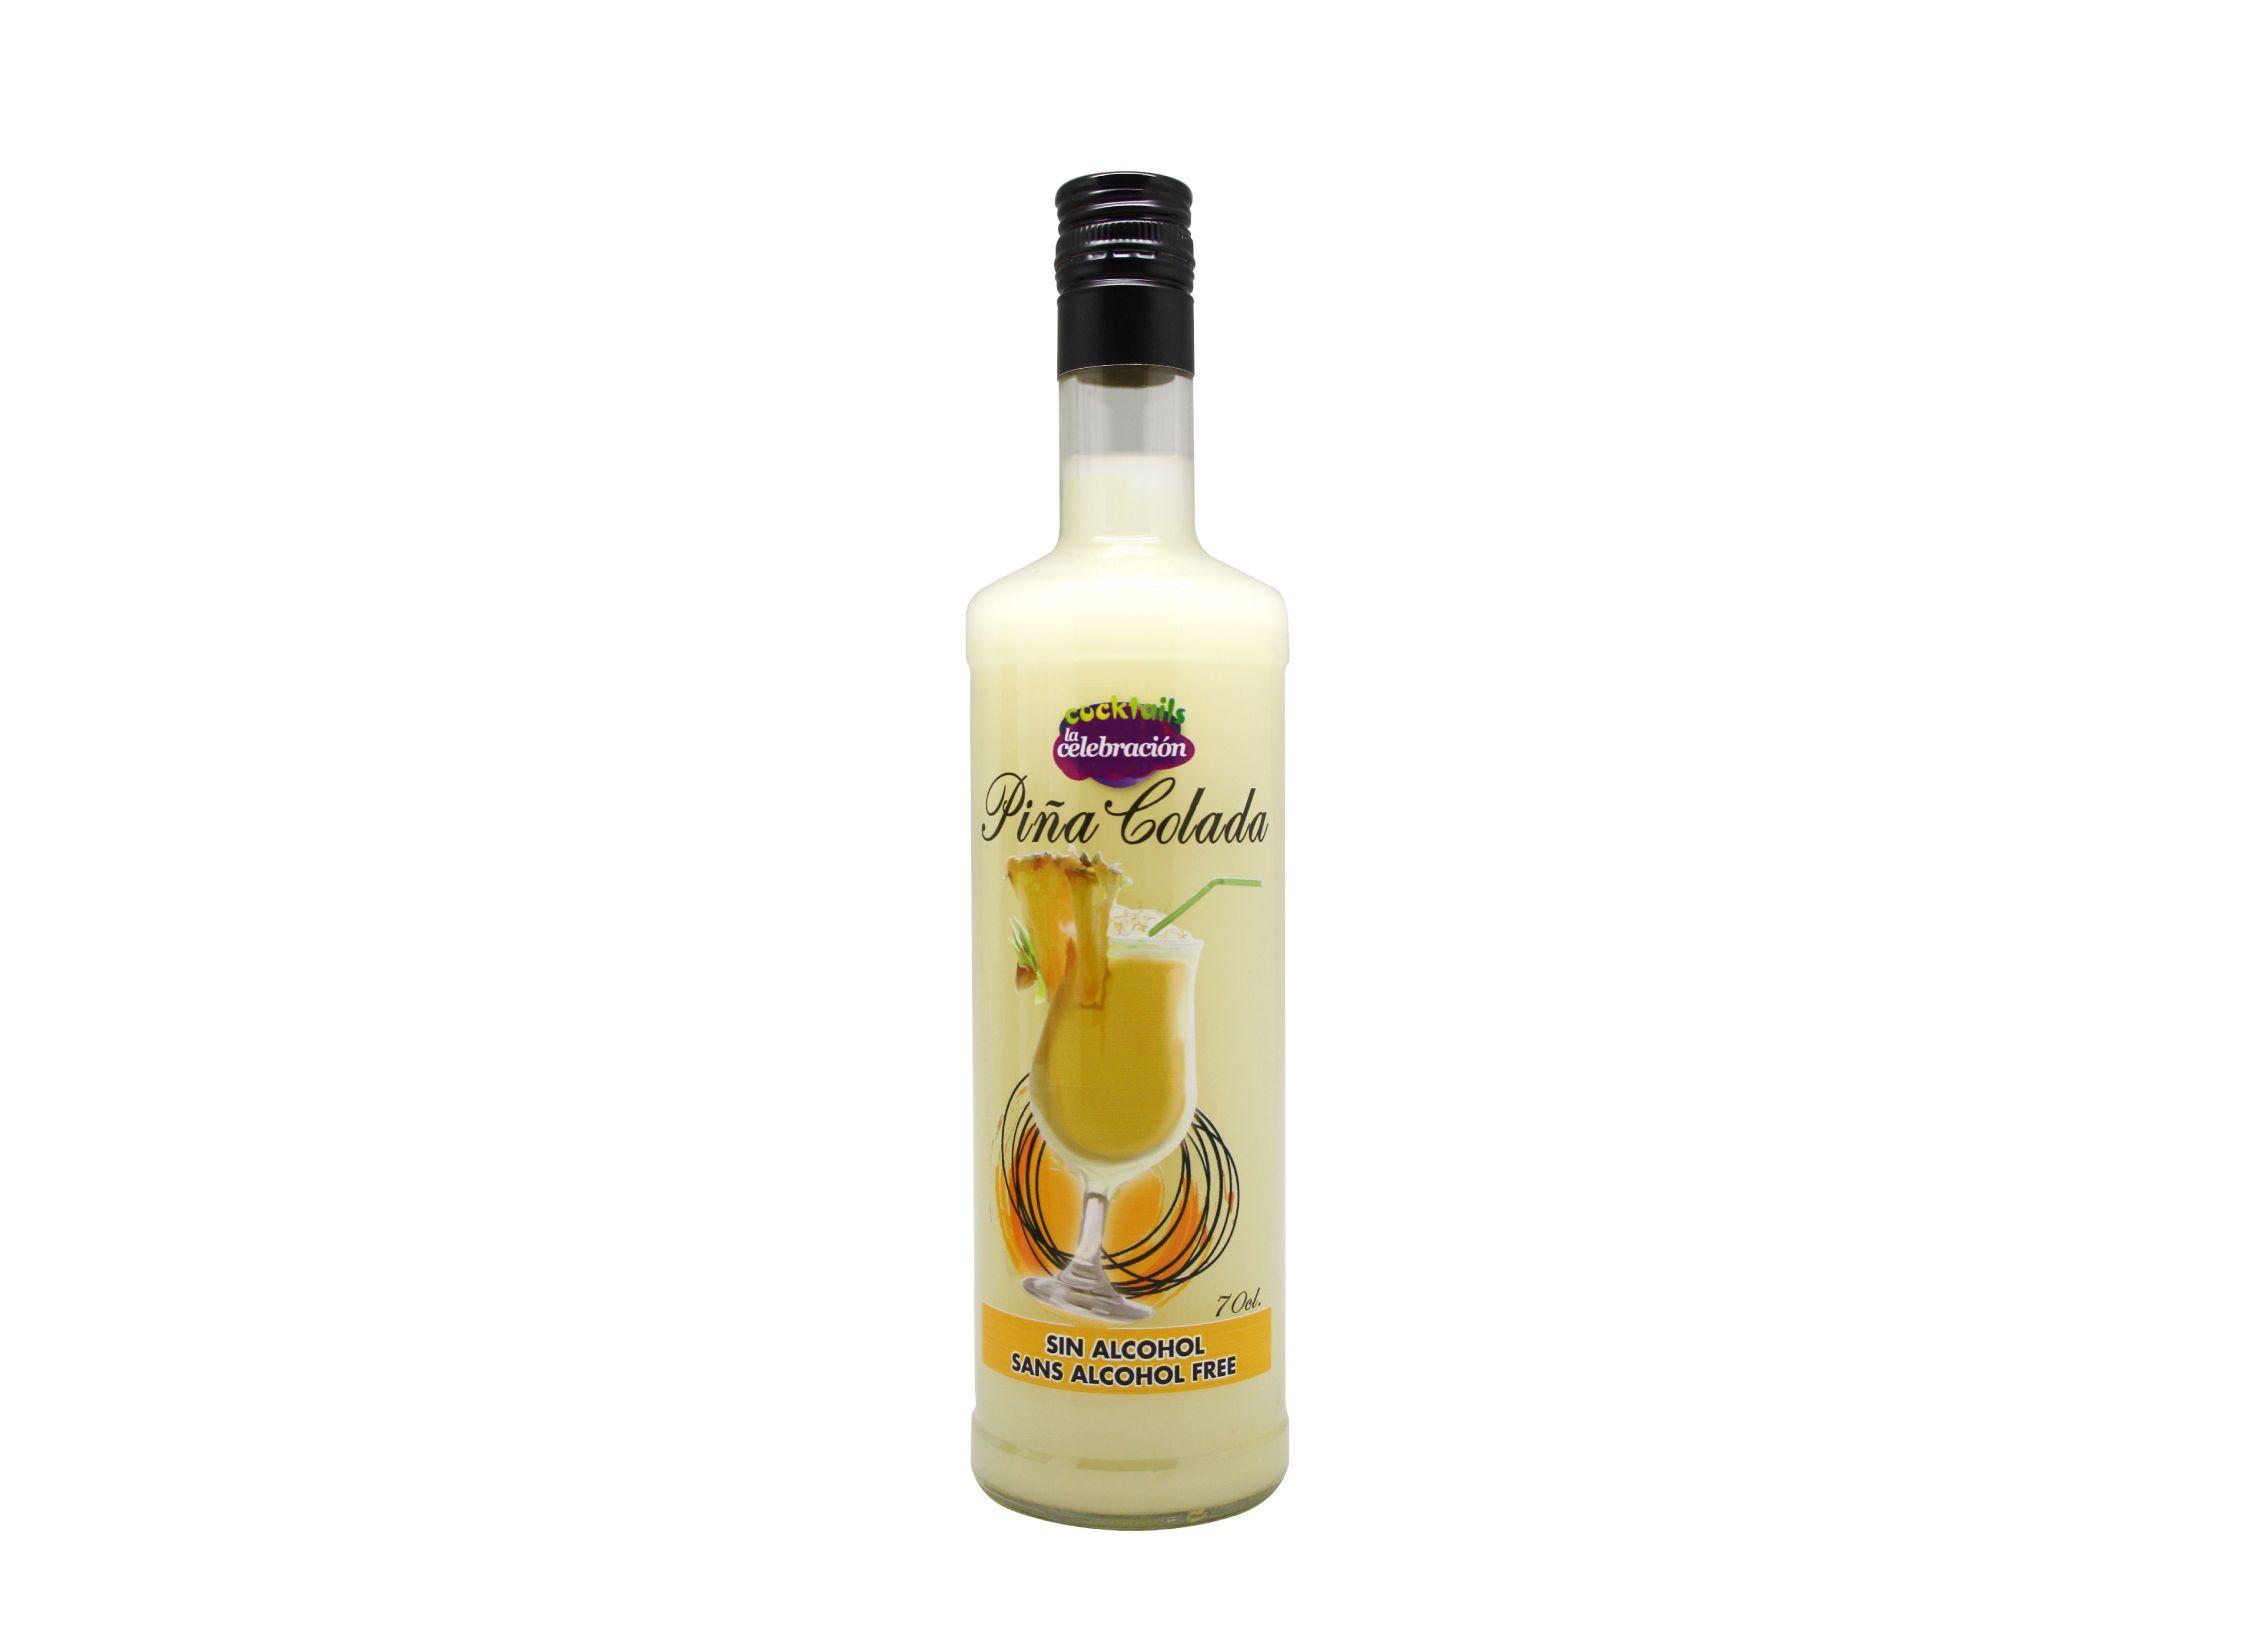 Cocktail Piña Colada sin alcohol botella de 0,70cl producido por Industrias Espadafor S.A. Listo para tomar.